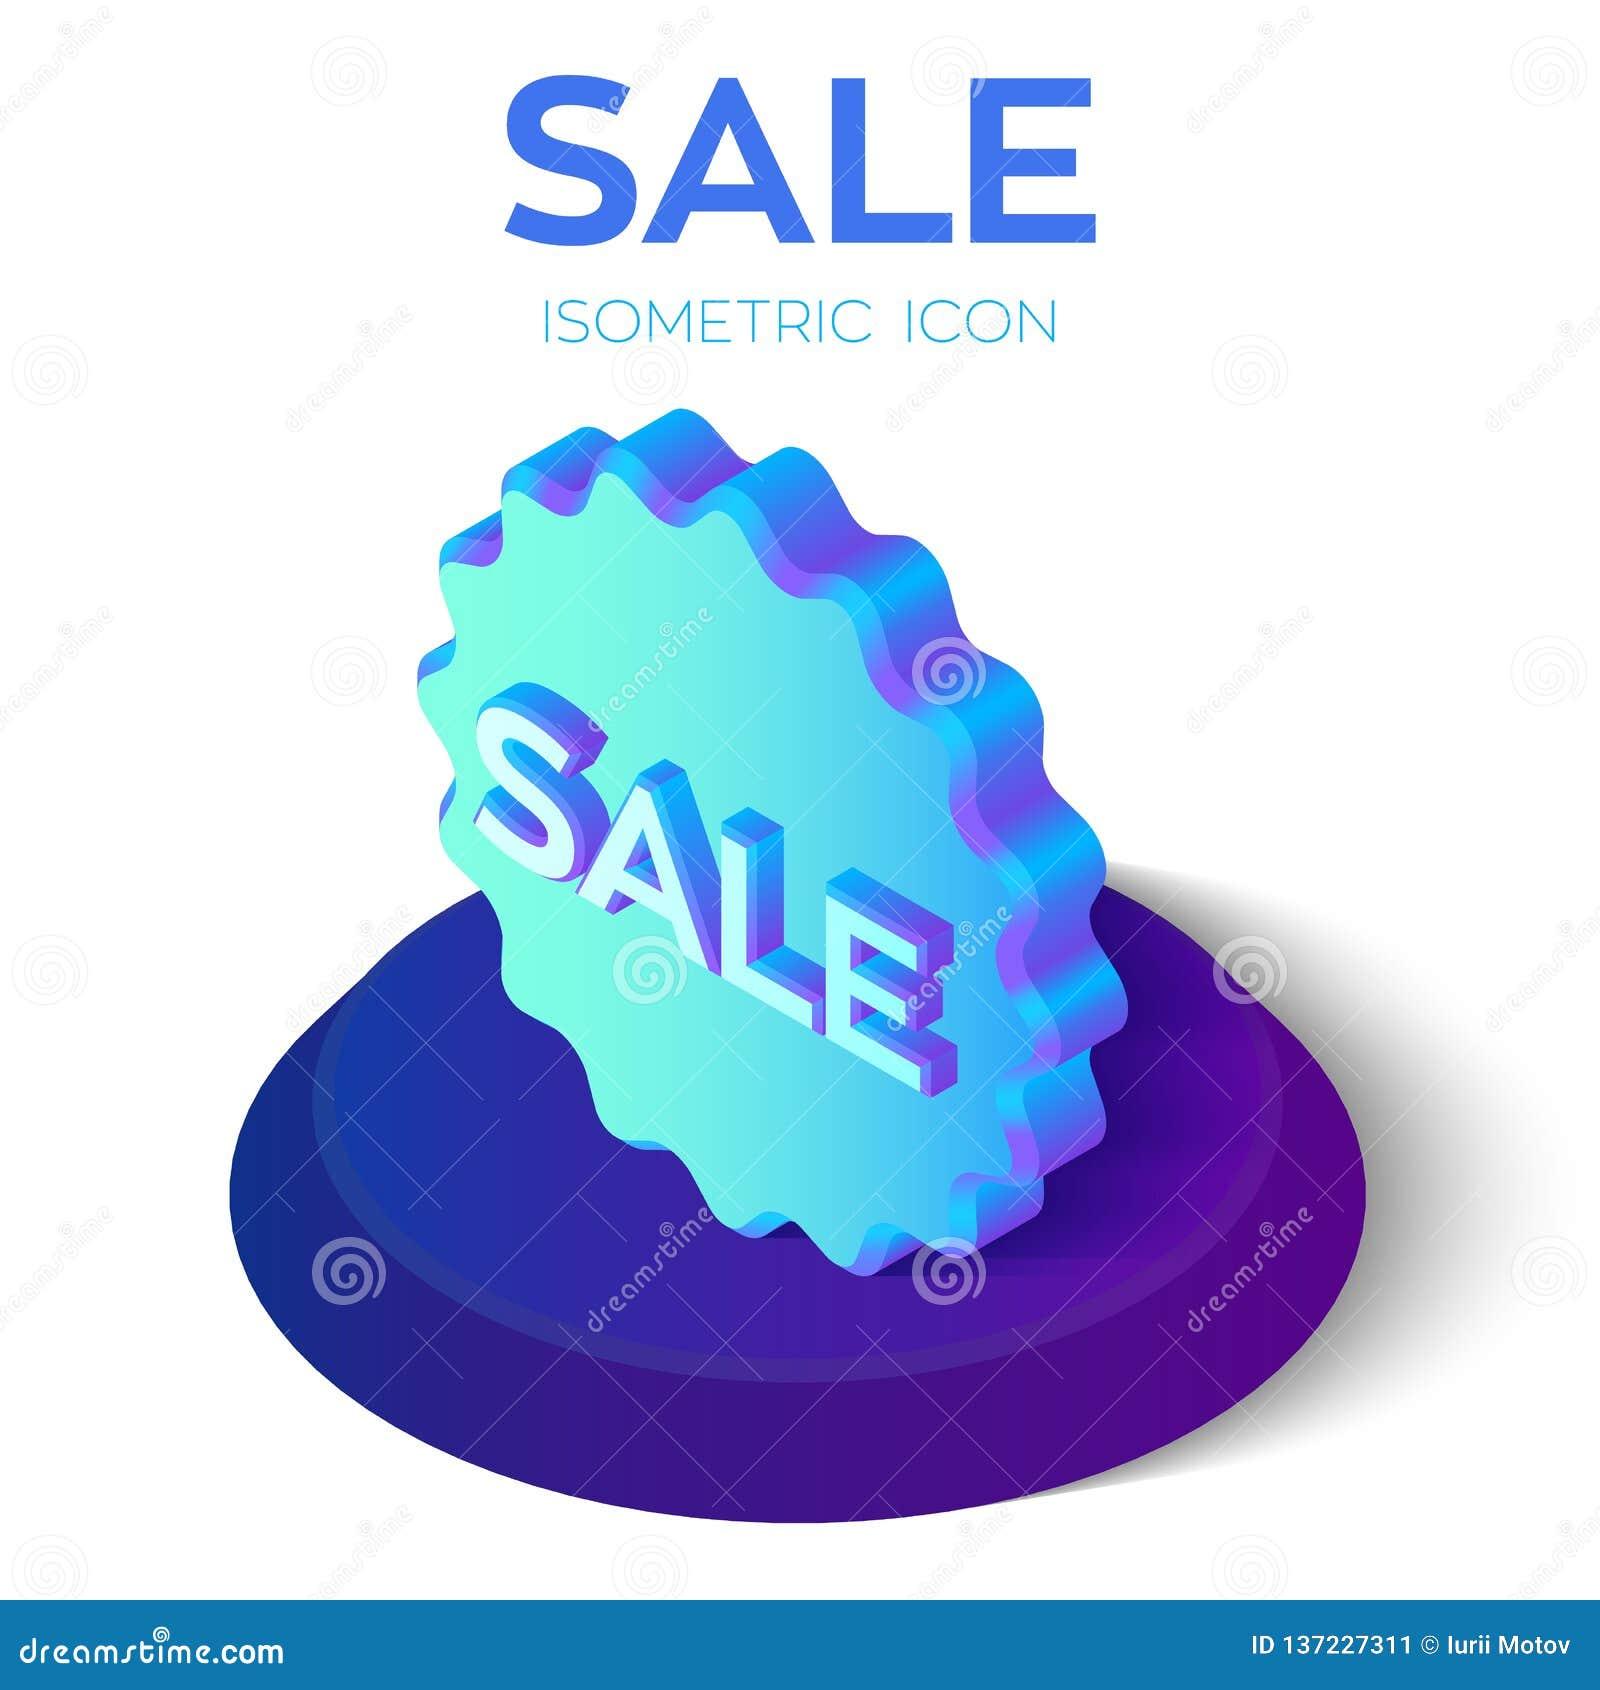 För bandförsäljning för klar illustration röd vektor för etikett Special isometrisk symbol för erbjudandeförsäljningsetikett 3D E